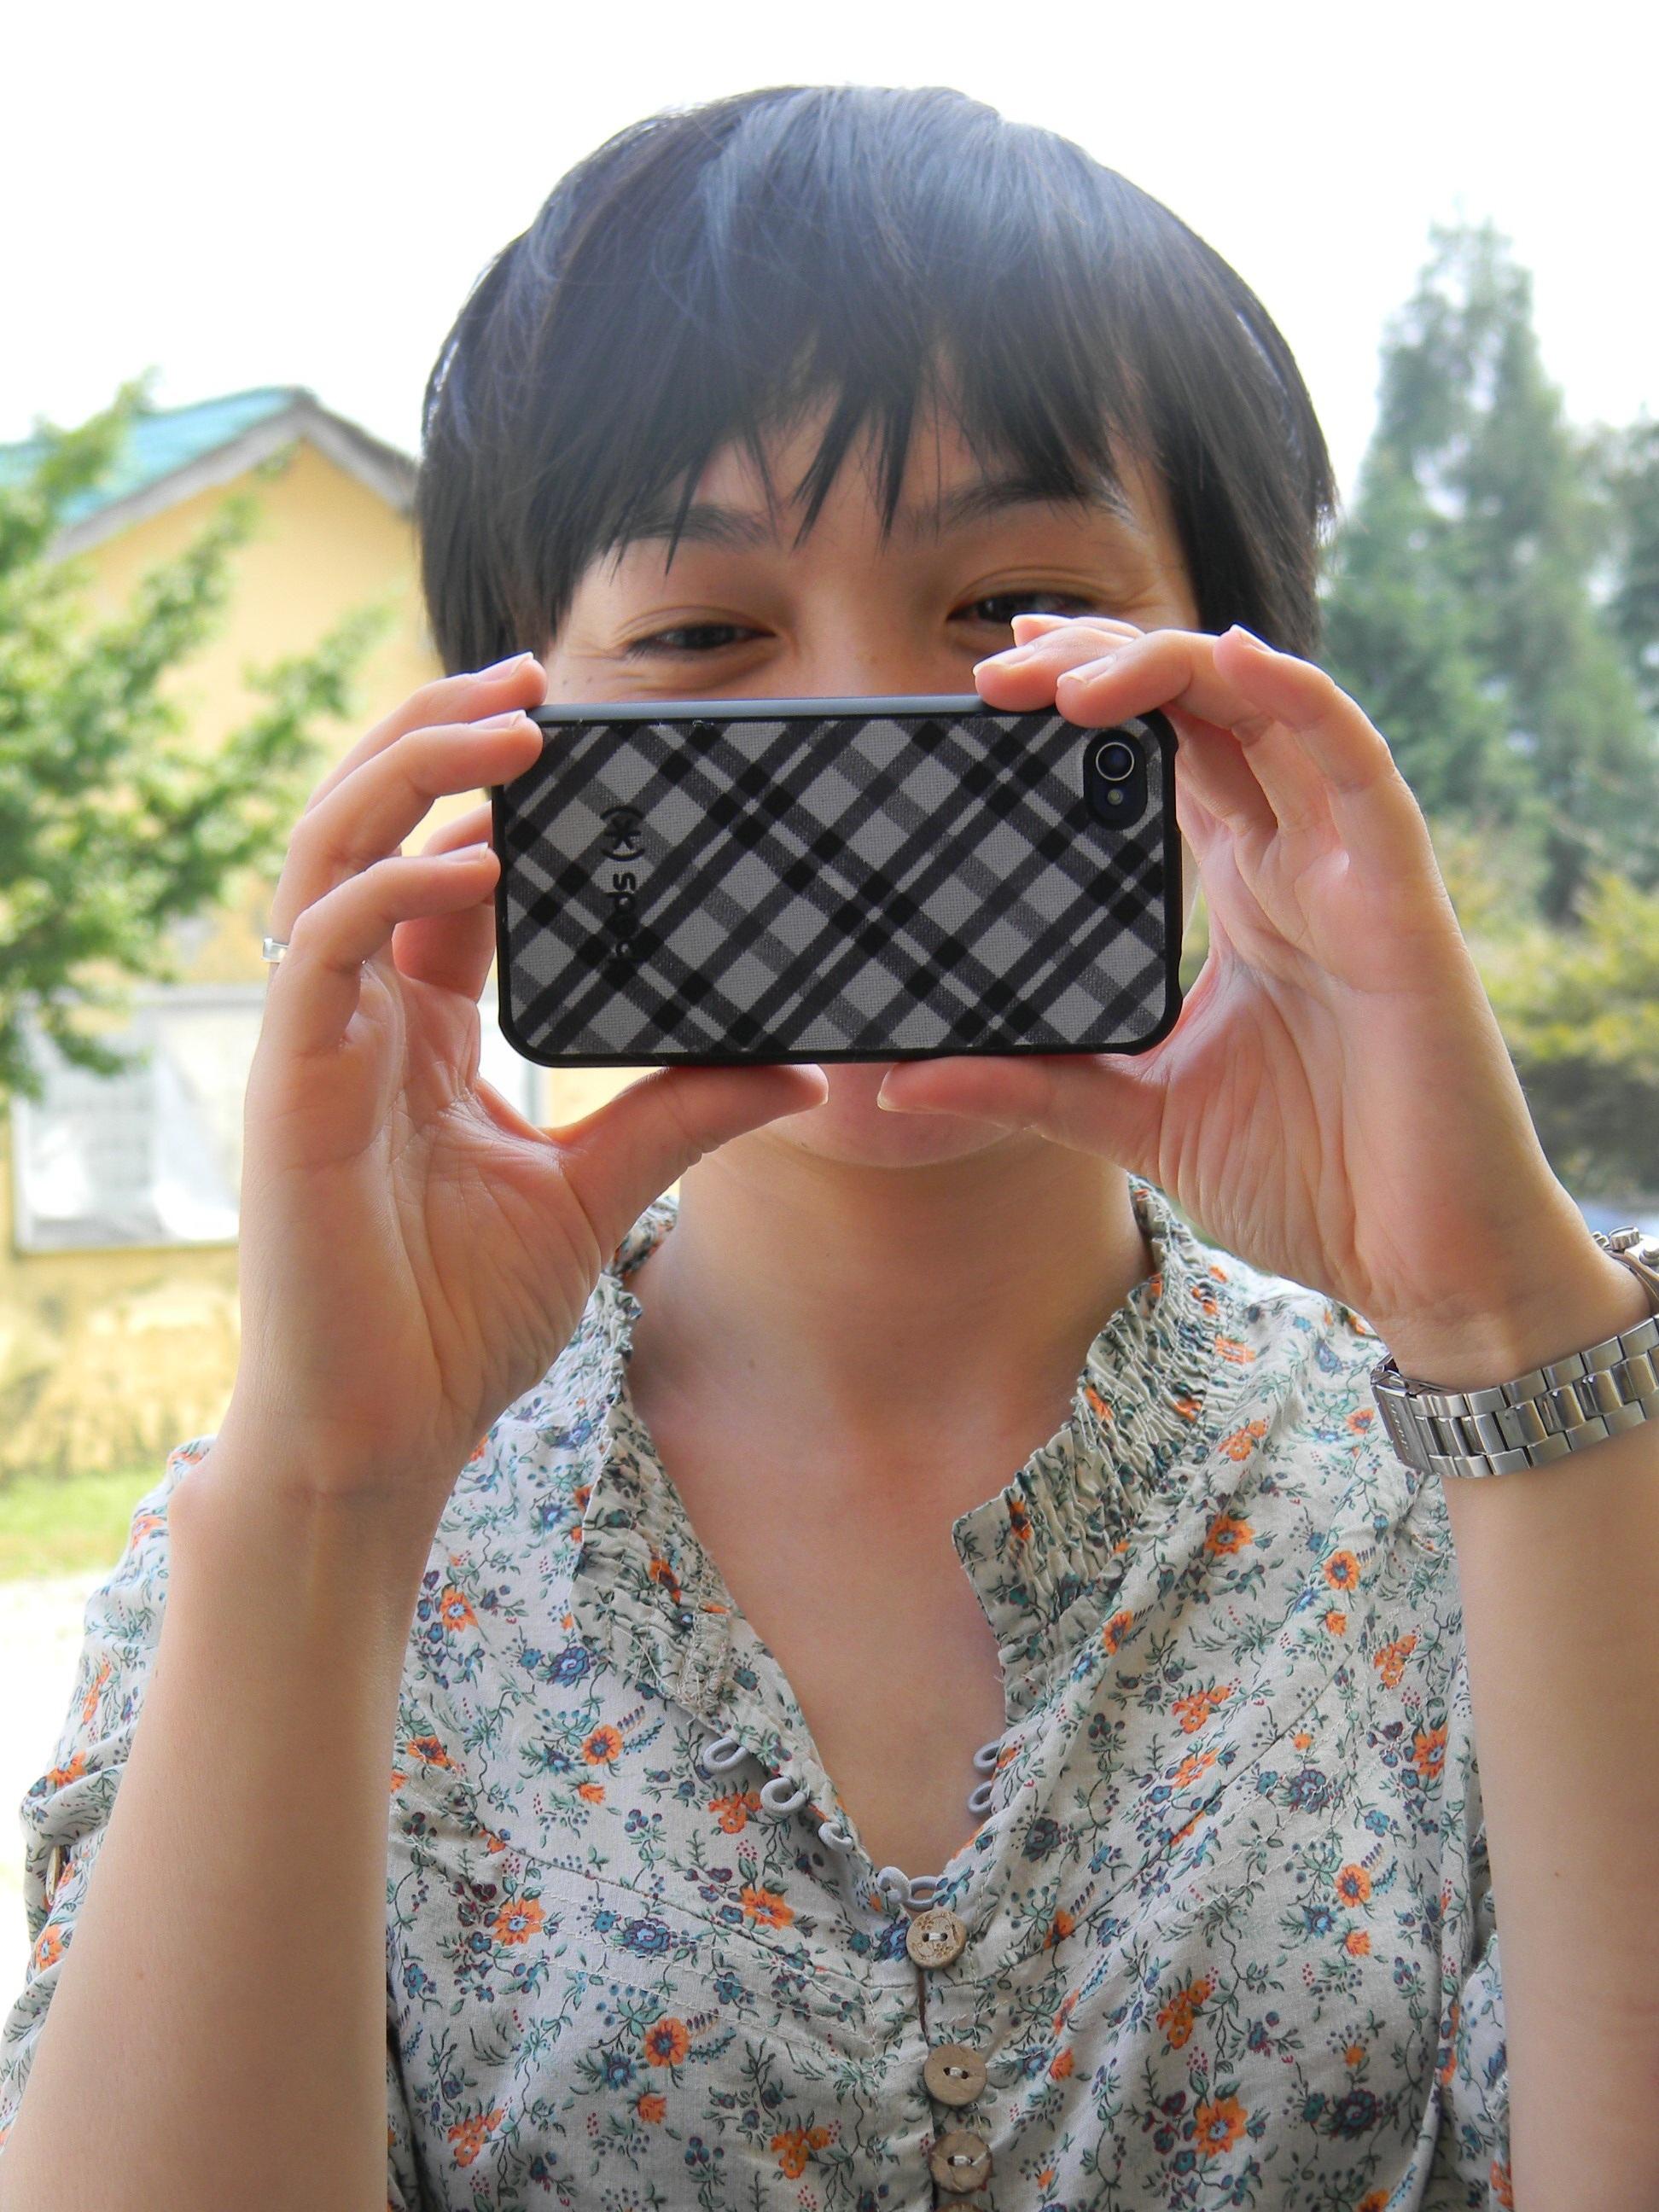 Free Images Hand Girl Model Finger Fresh Fashion Clothing